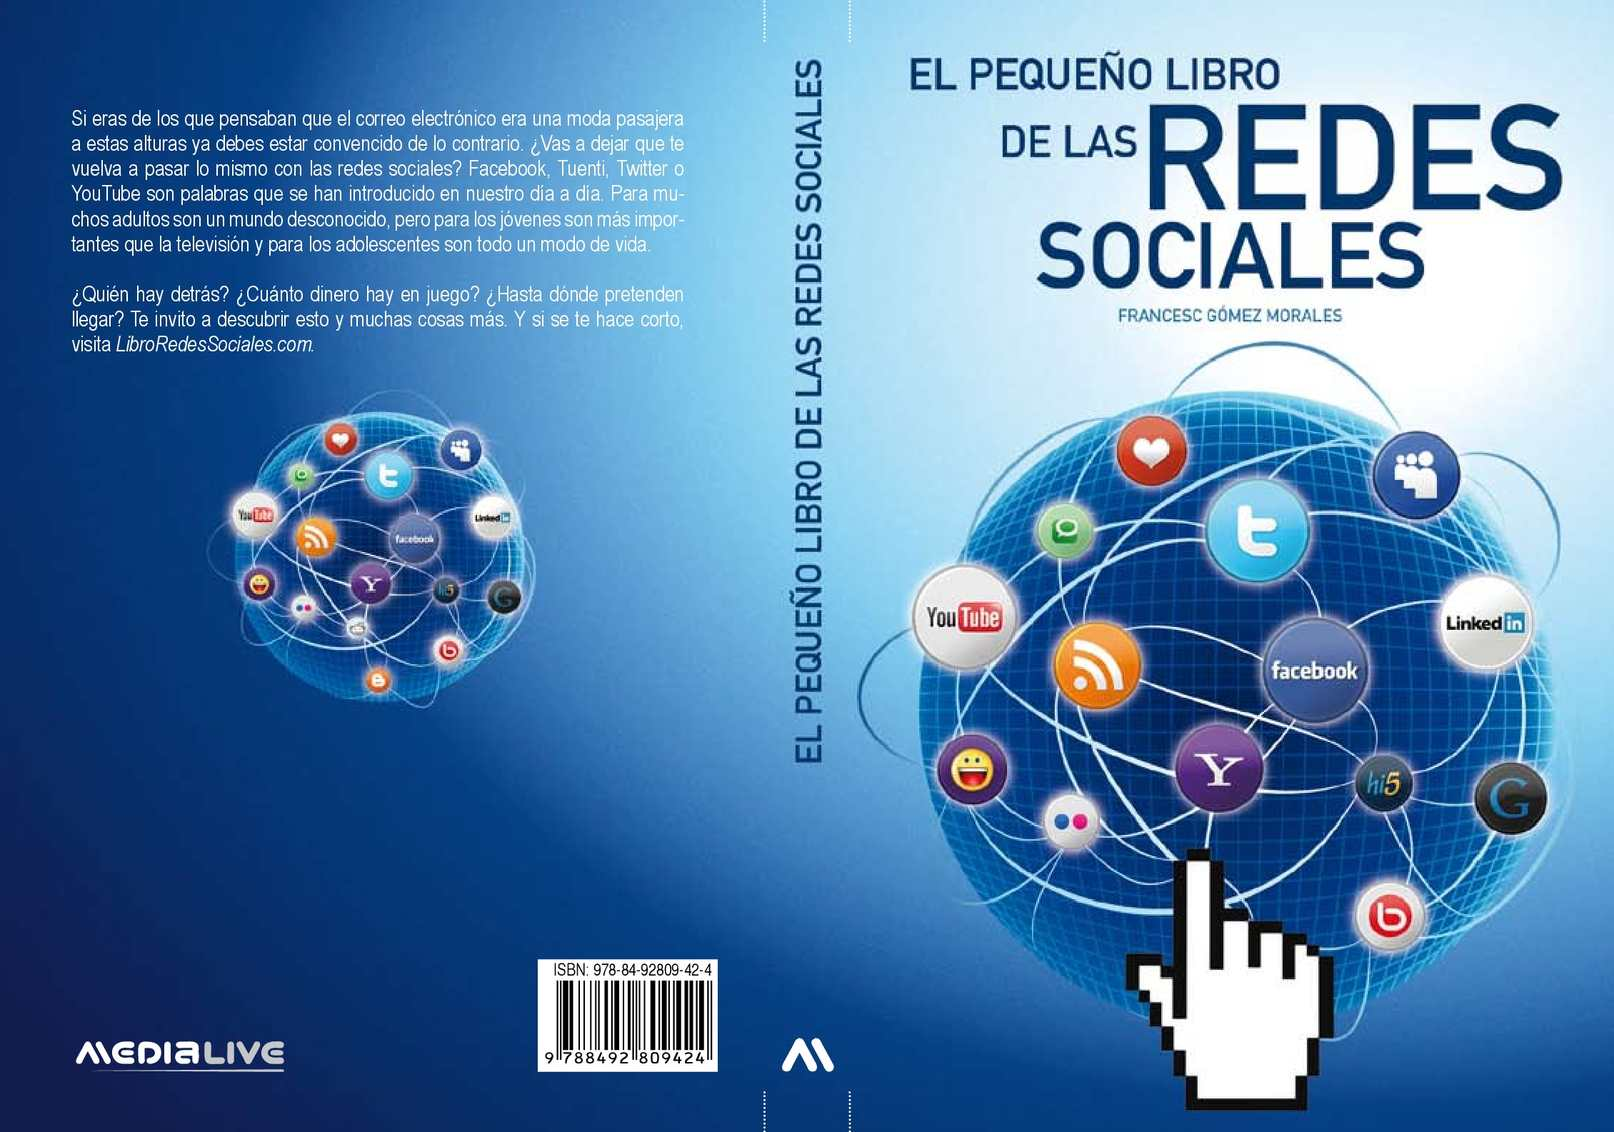 El Pequeño Libro De Las Redes Sociales